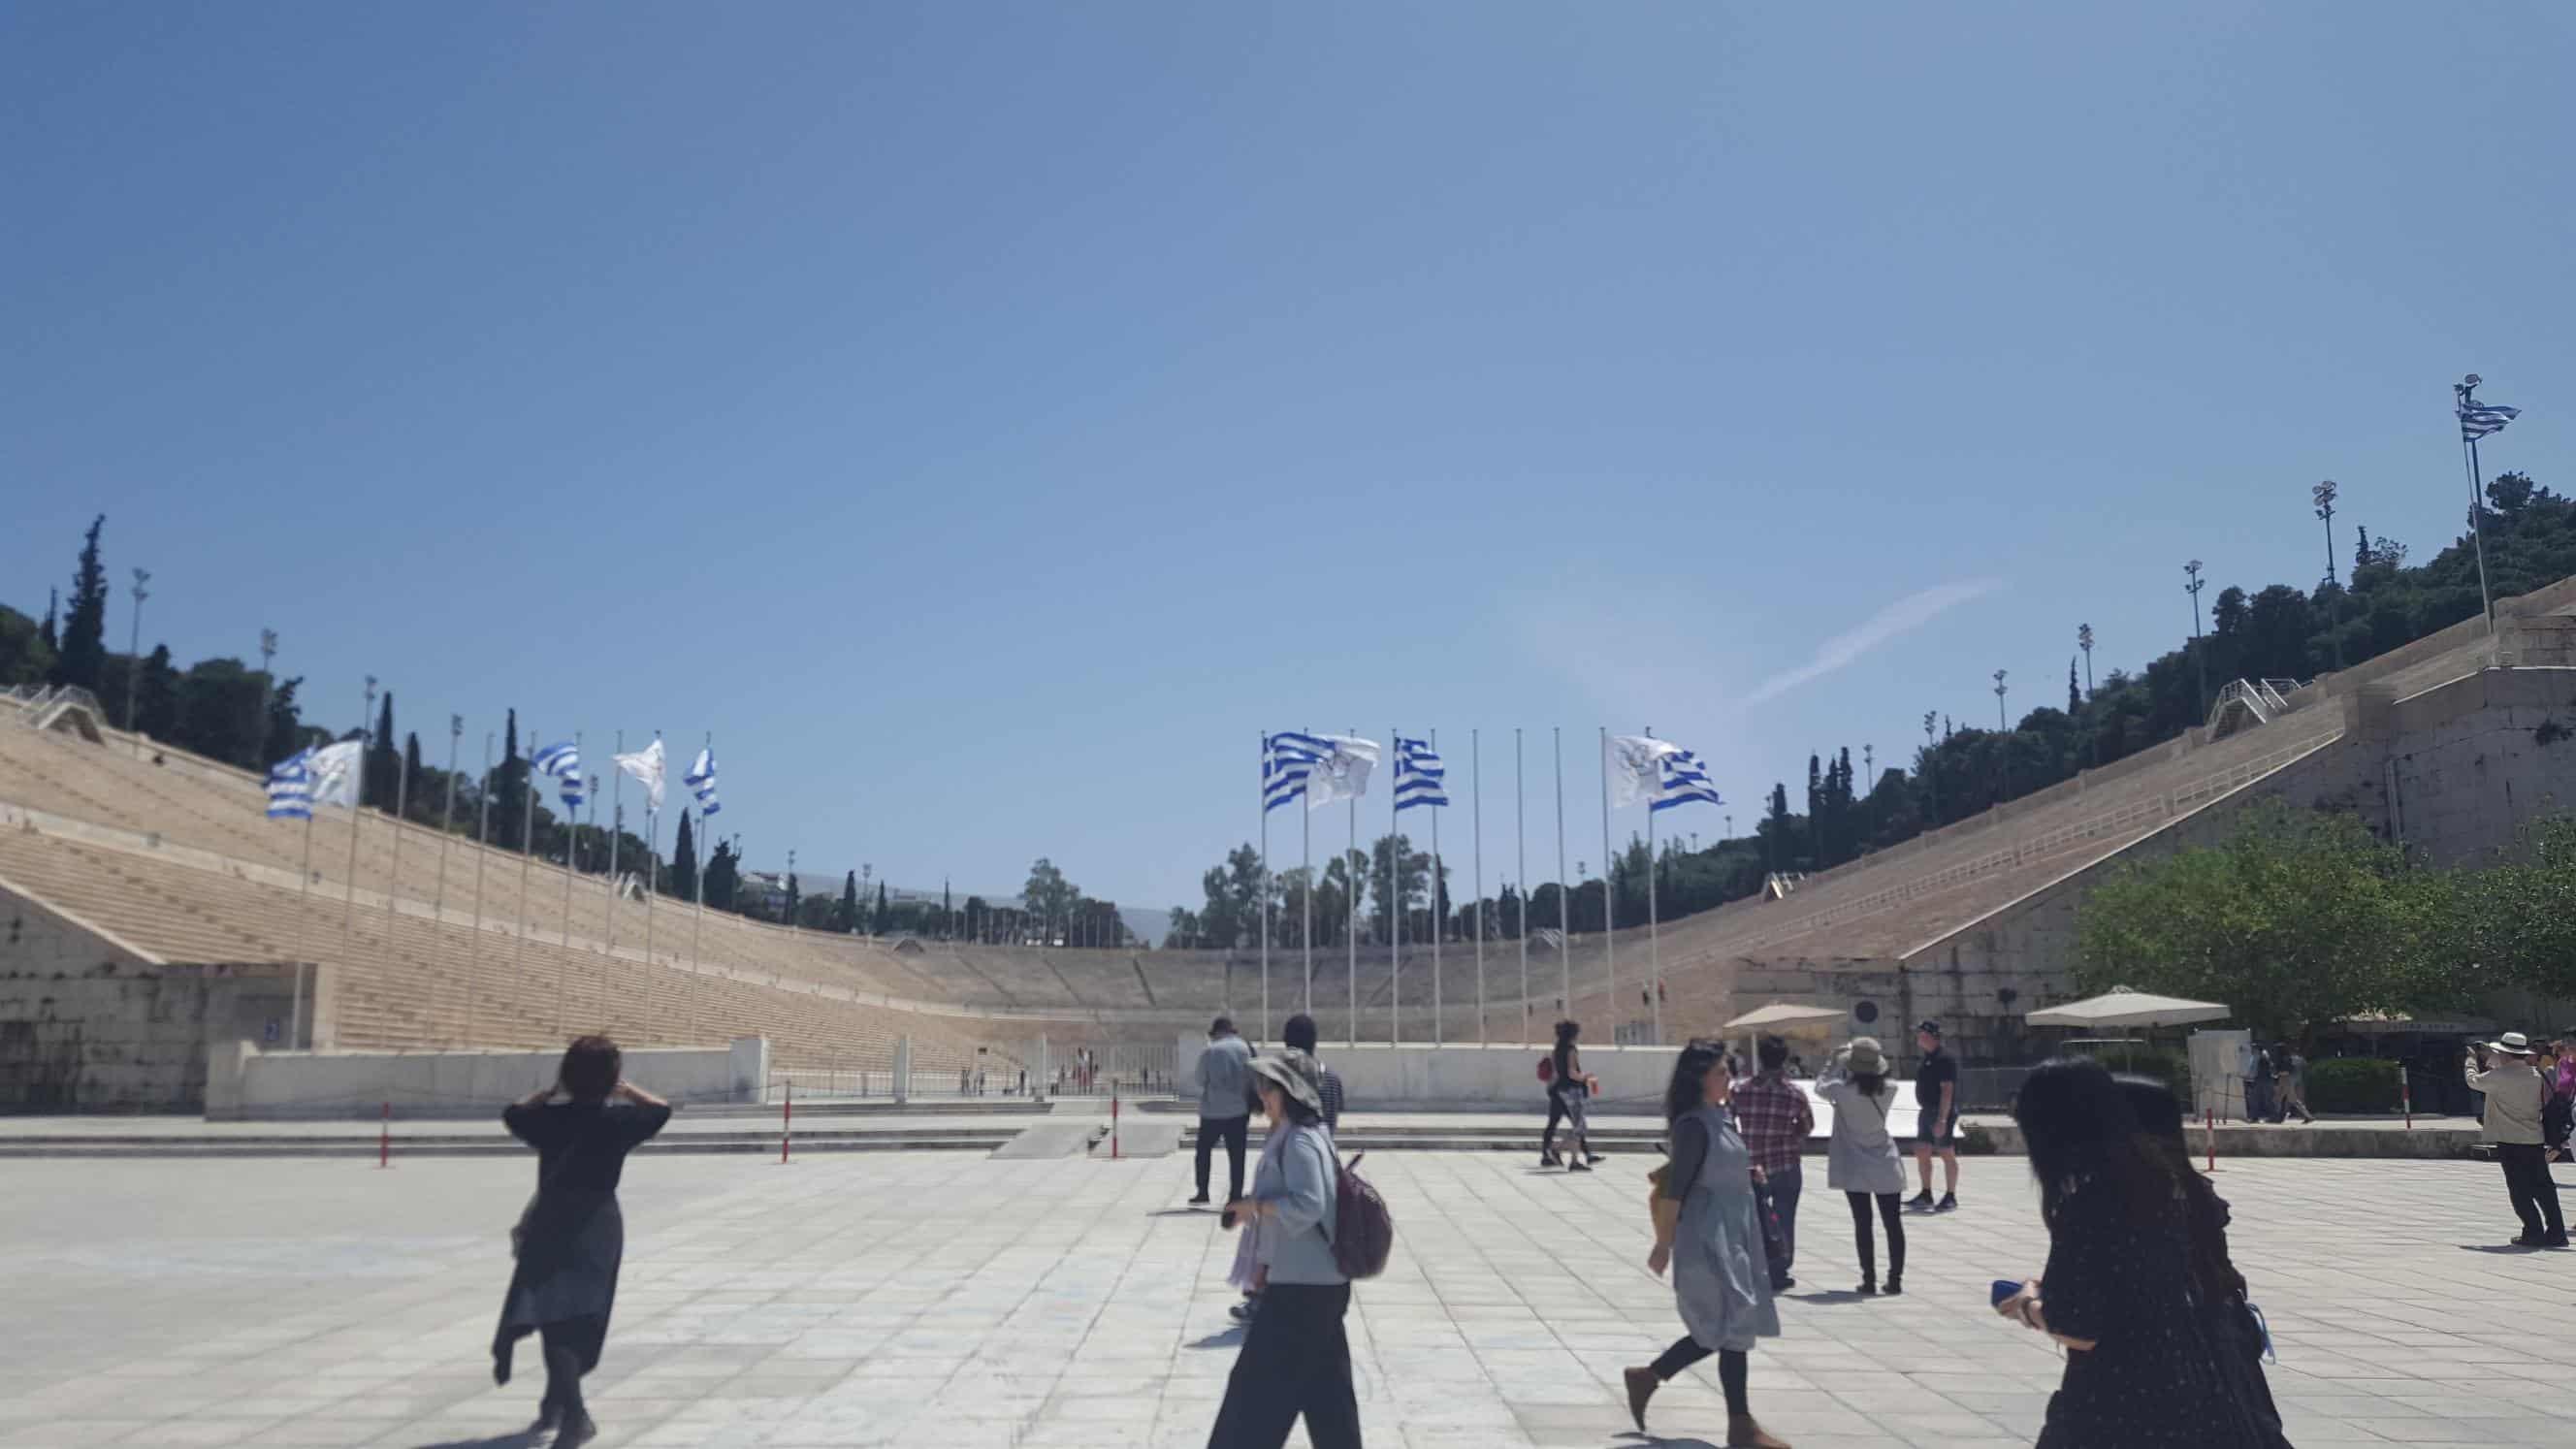 近代オリンピックスタジアム